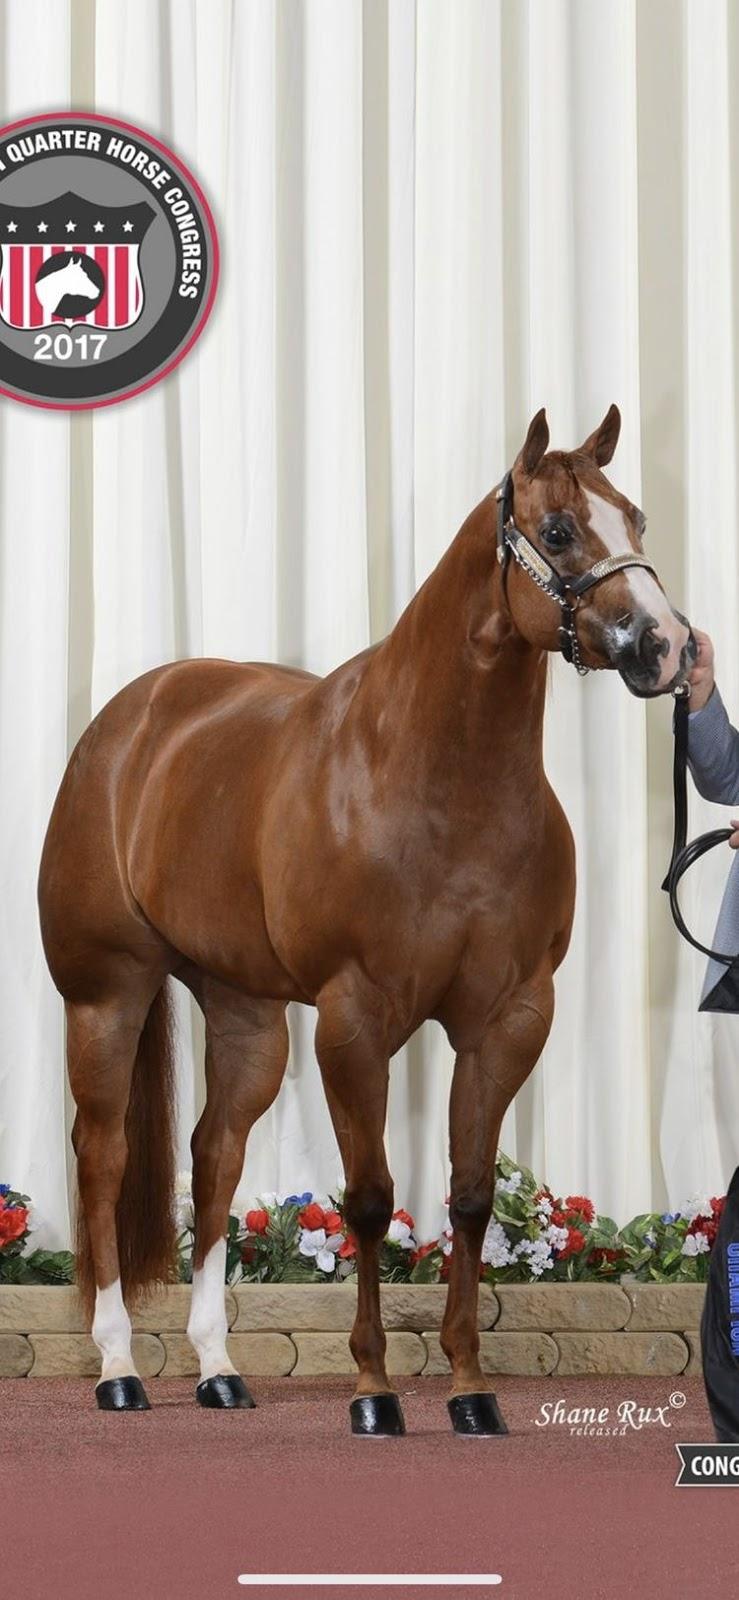 Cavalos | Horses